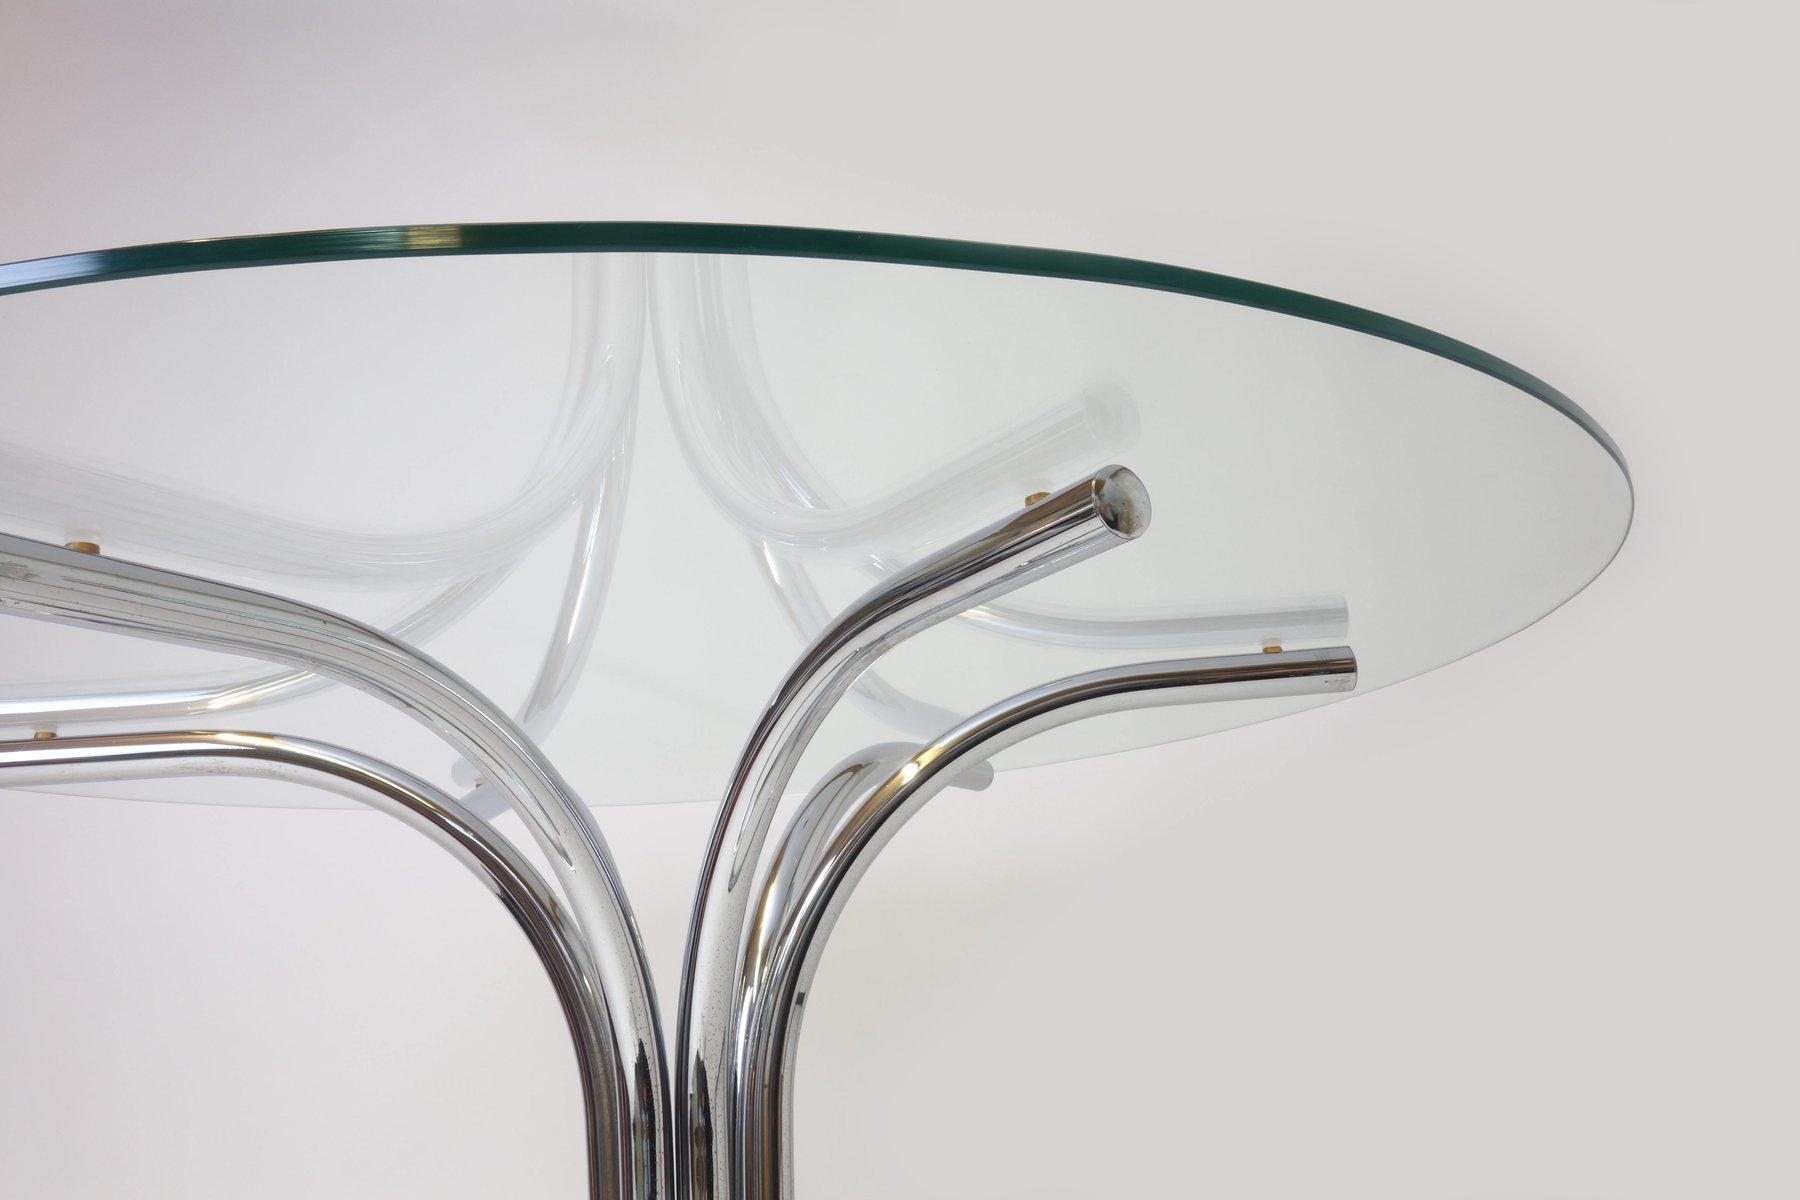 italienischer vintage esstisch mit runder glasplatte 1970er bei pamono kaufen. Black Bedroom Furniture Sets. Home Design Ideas